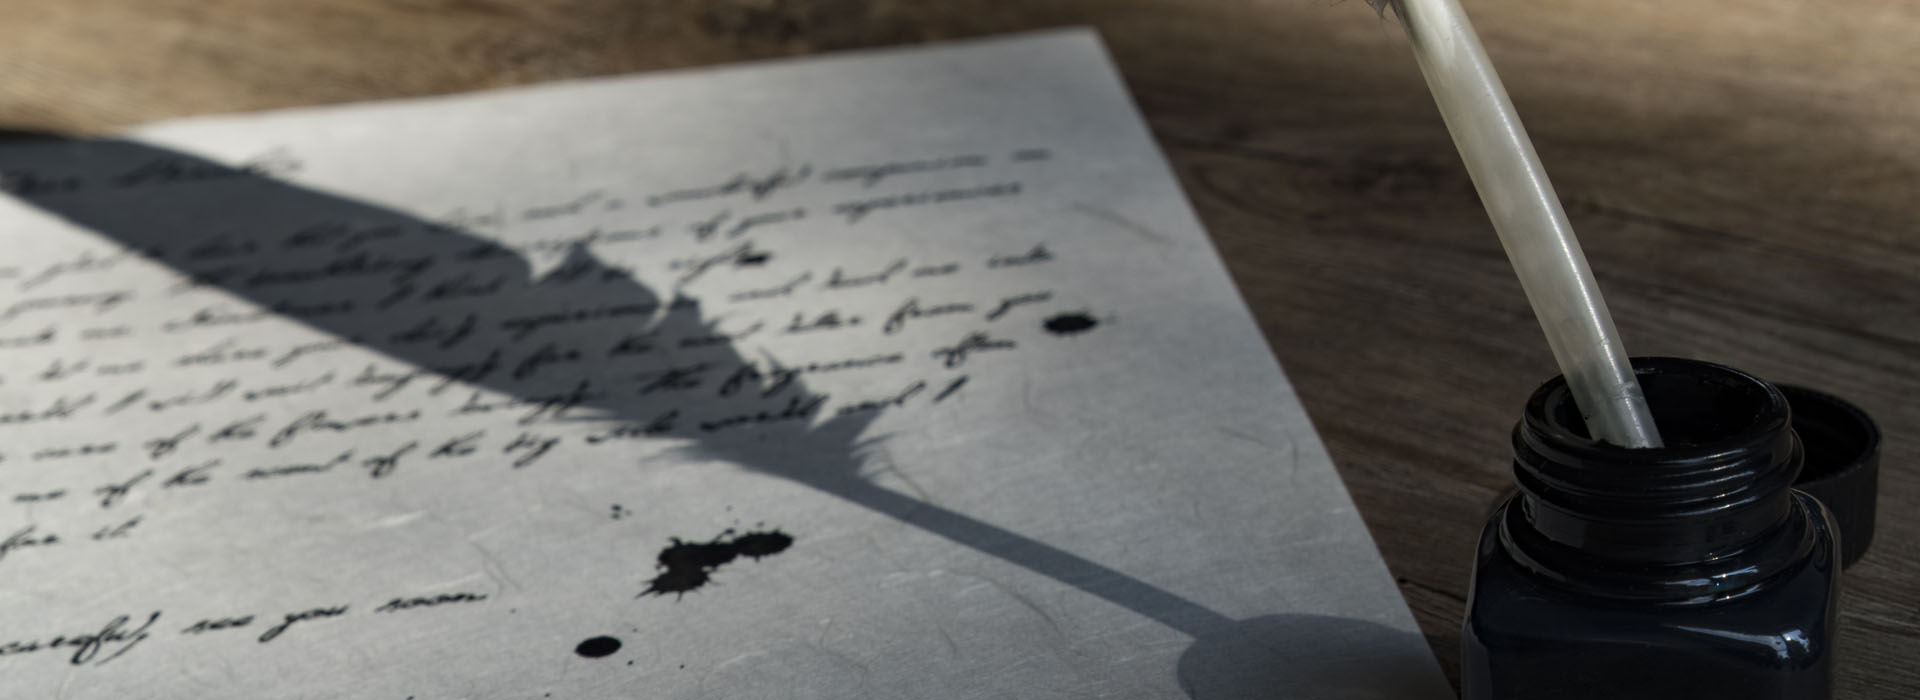 Sie schreiben